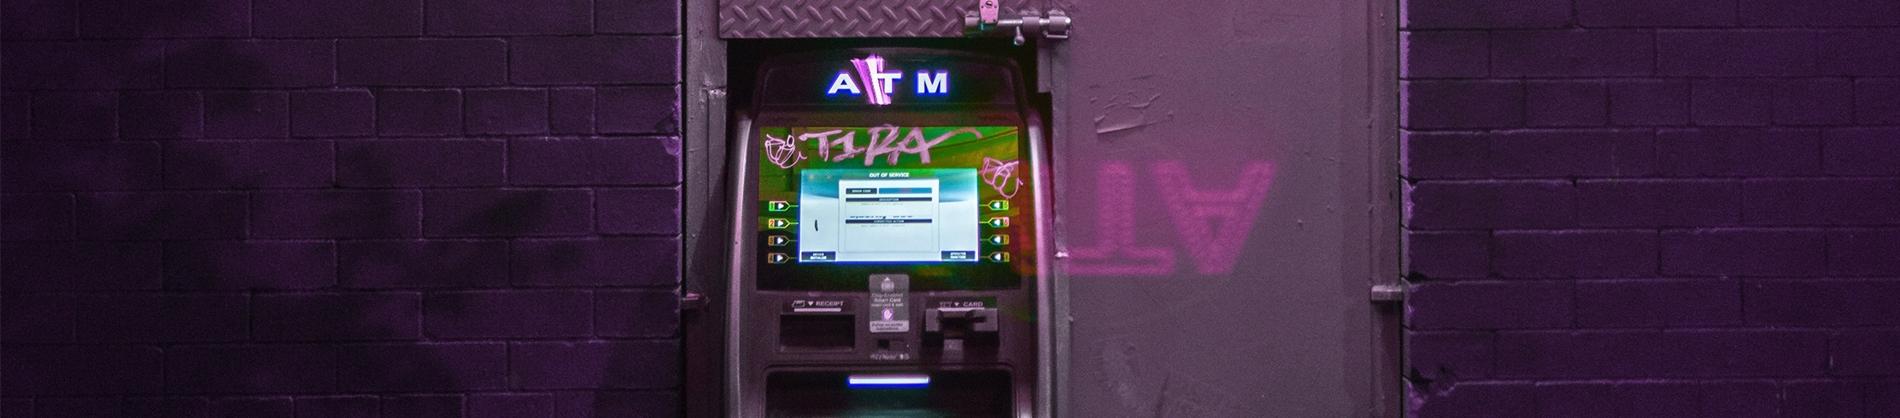 ATM machine against a purple wall